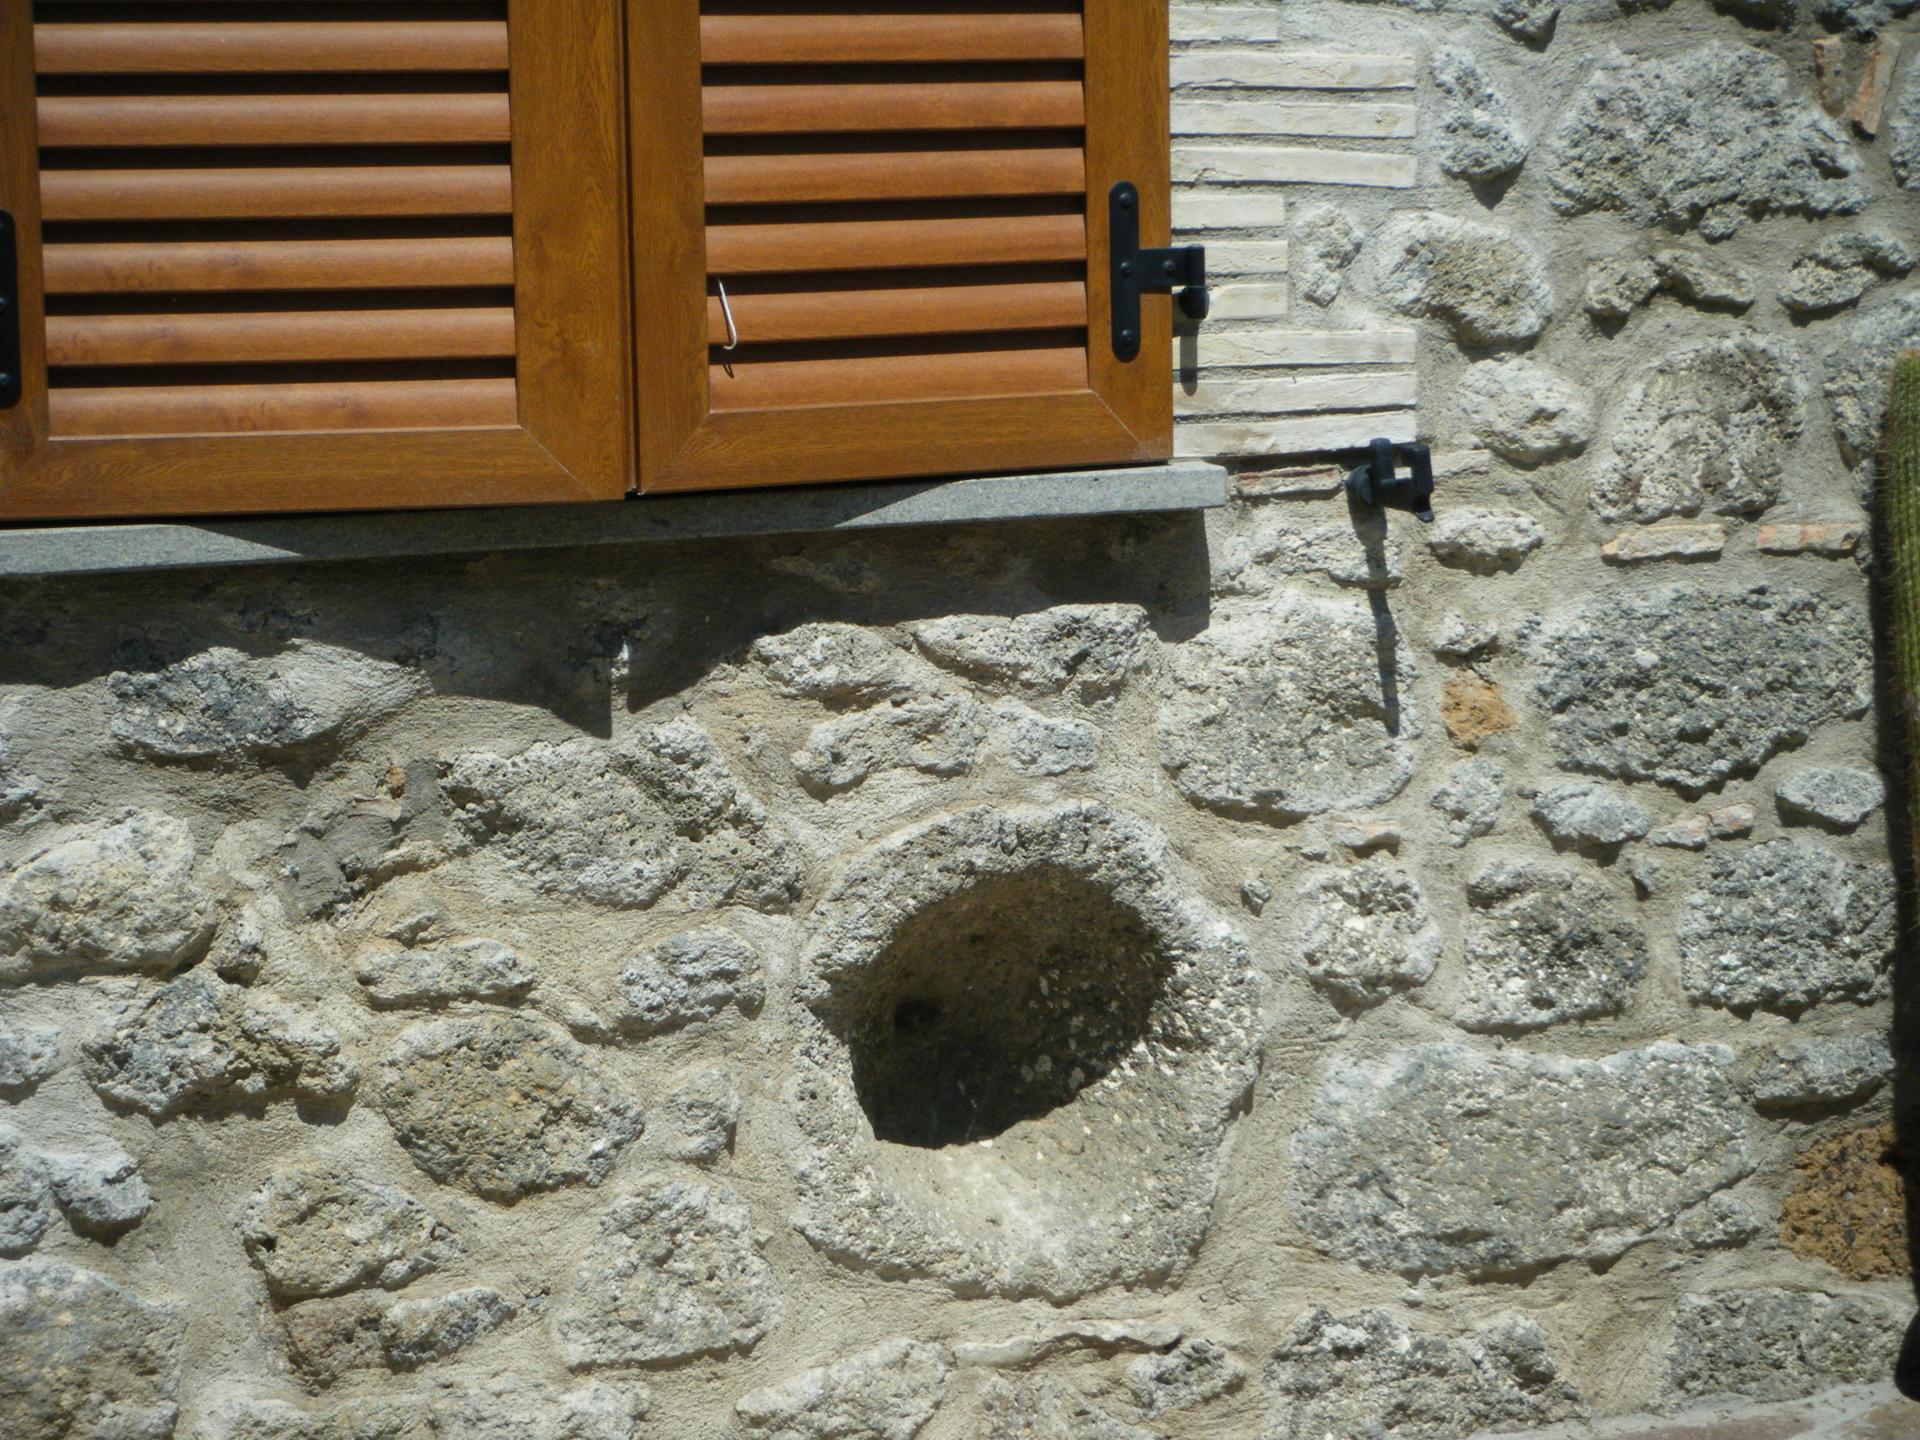 niche dans mur en pierre marvelous decoration with niche dans mur en pierre niche dans mur en. Black Bedroom Furniture Sets. Home Design Ideas